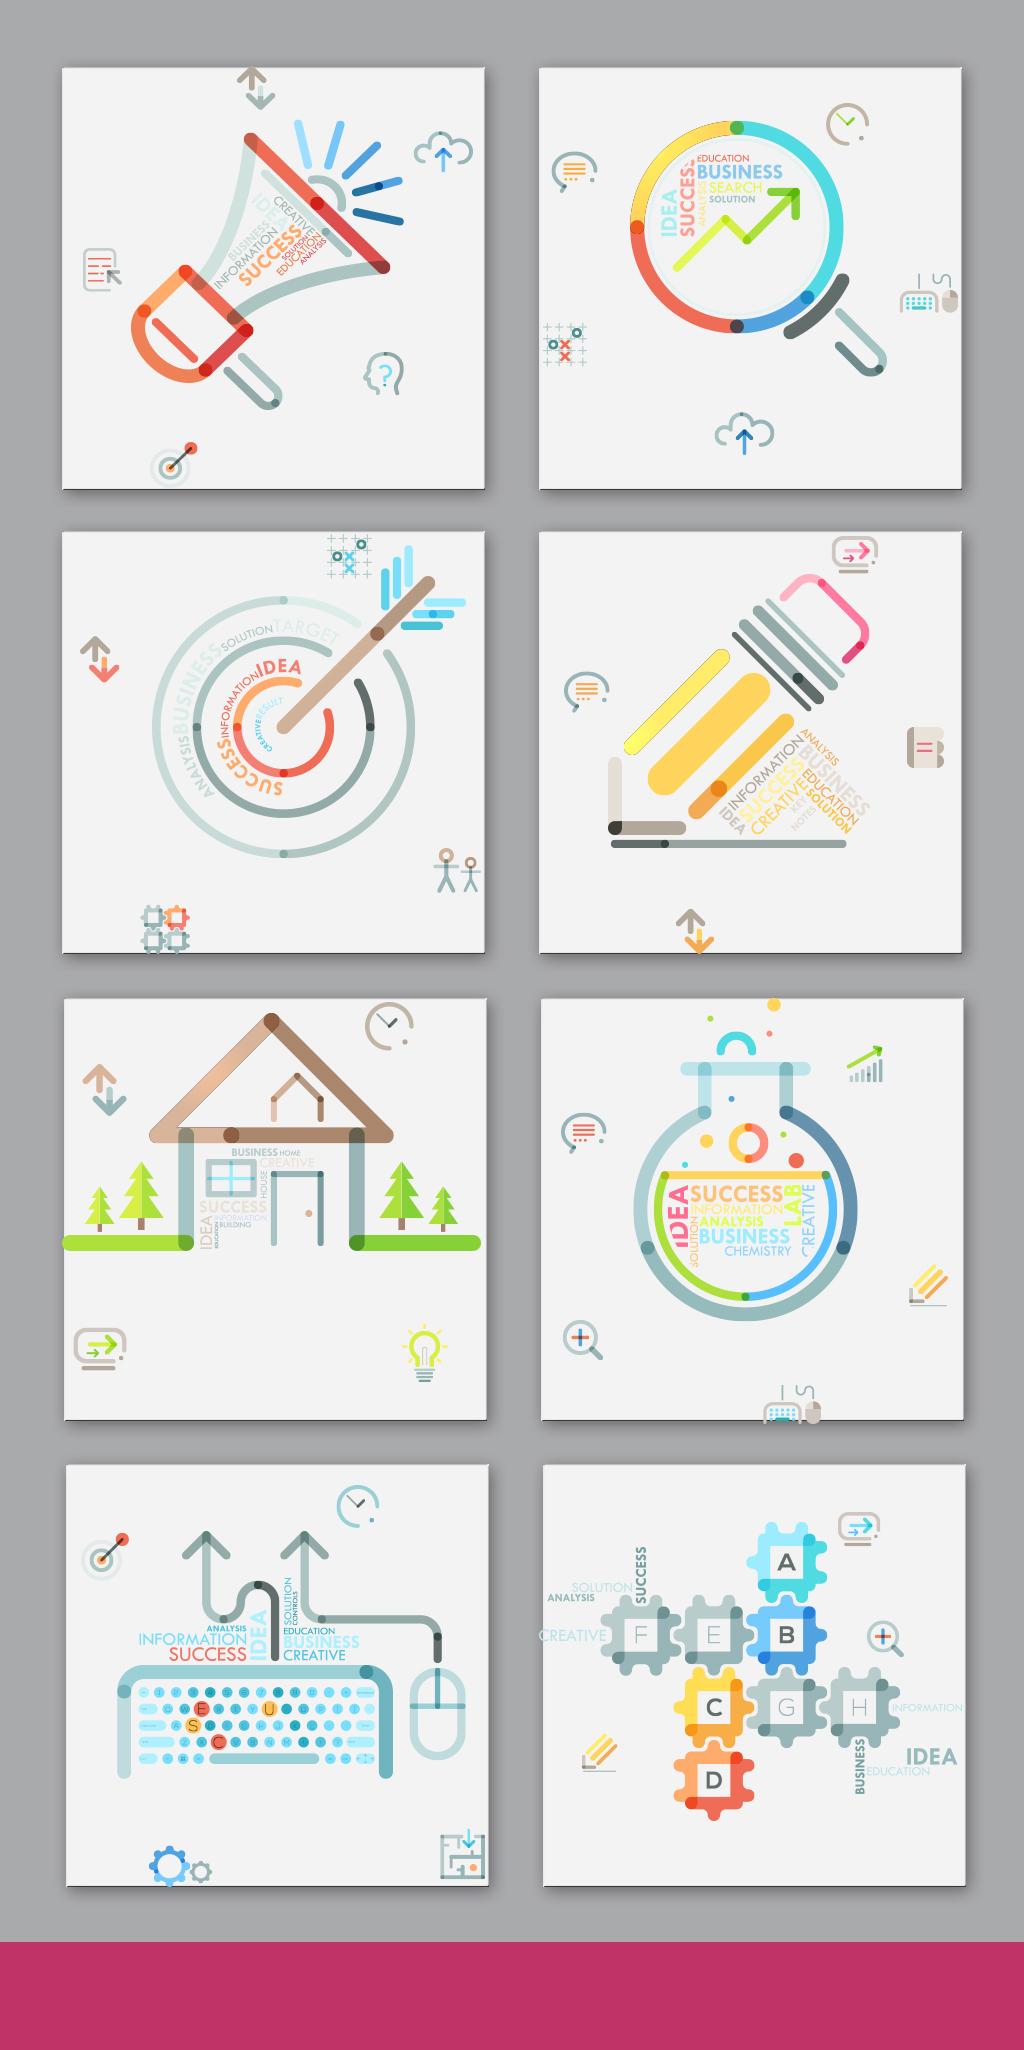 创意简约ppt图标素材设计图片